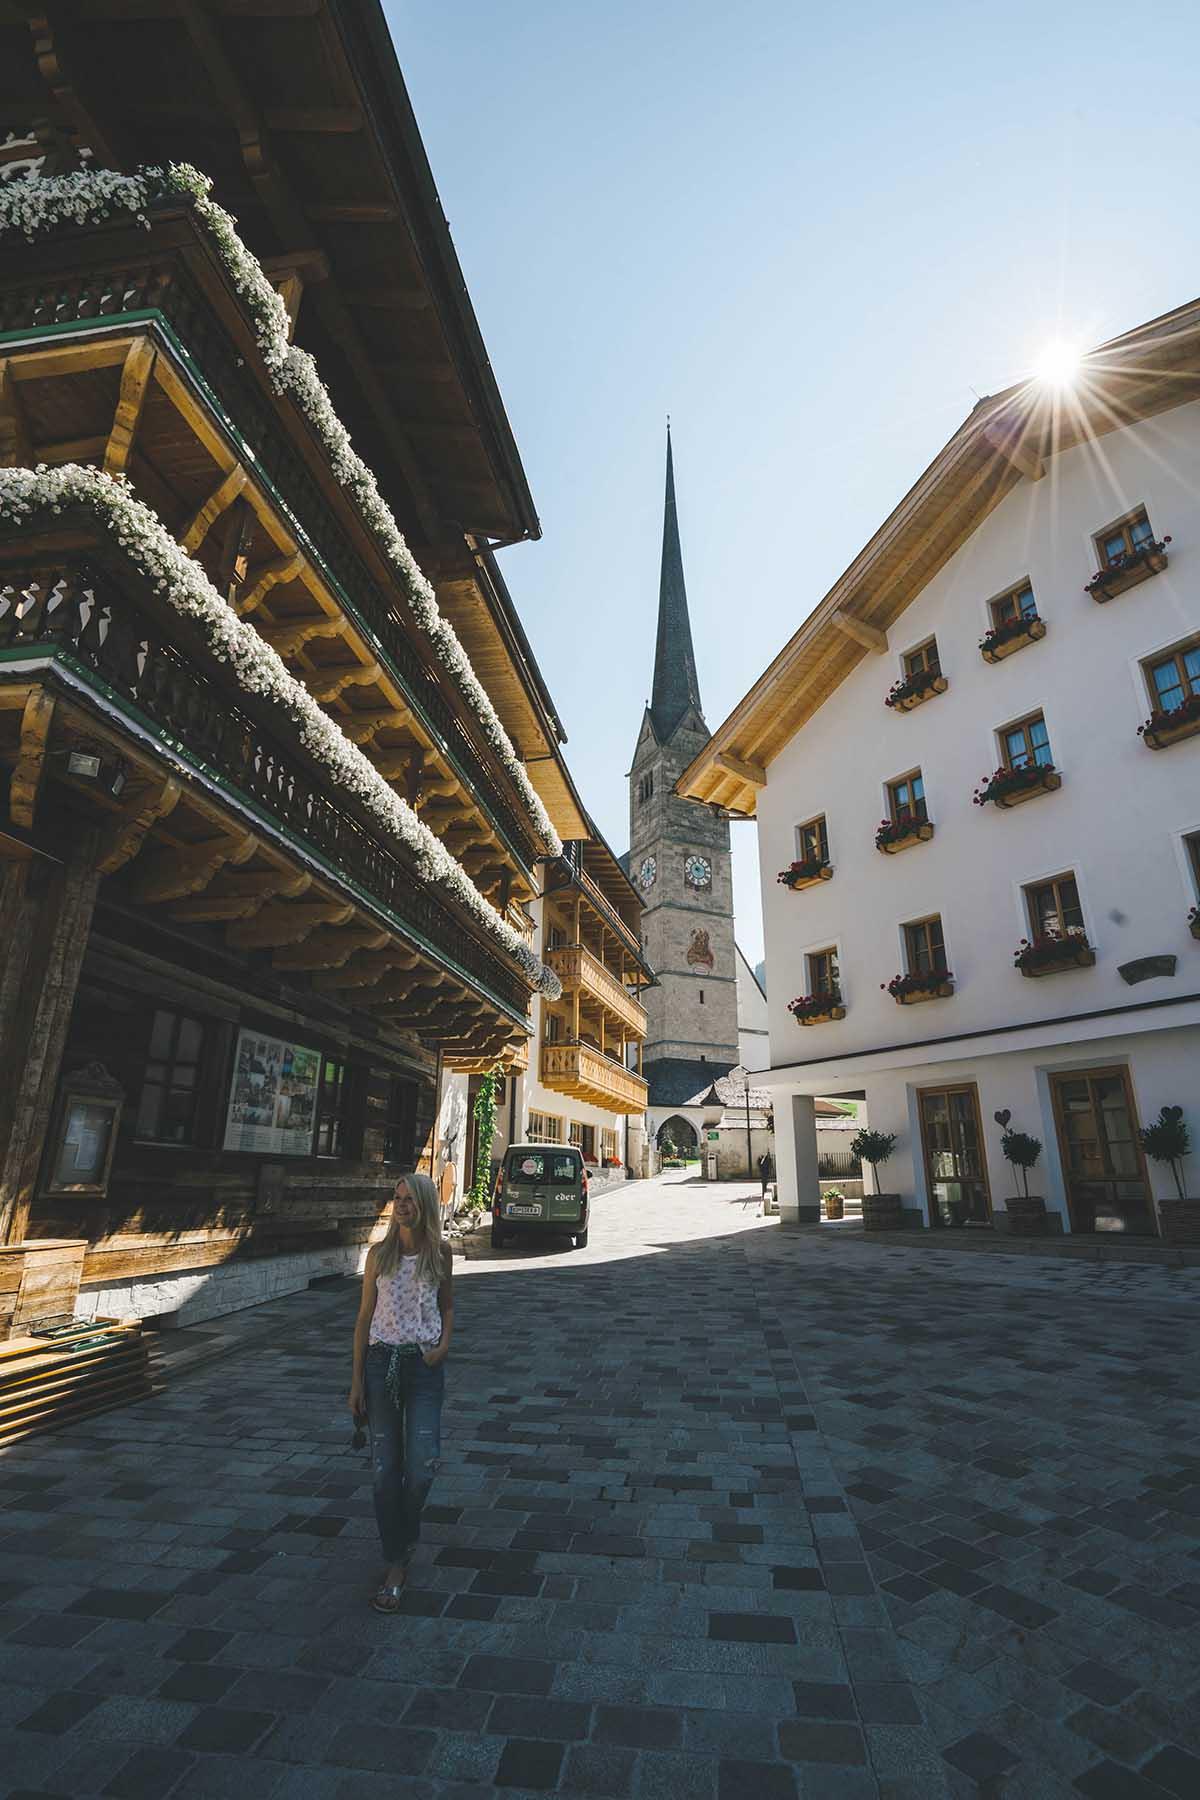 hochkoenig-lifestyle-hotel-eder-maria-alm-gebauede-aussen